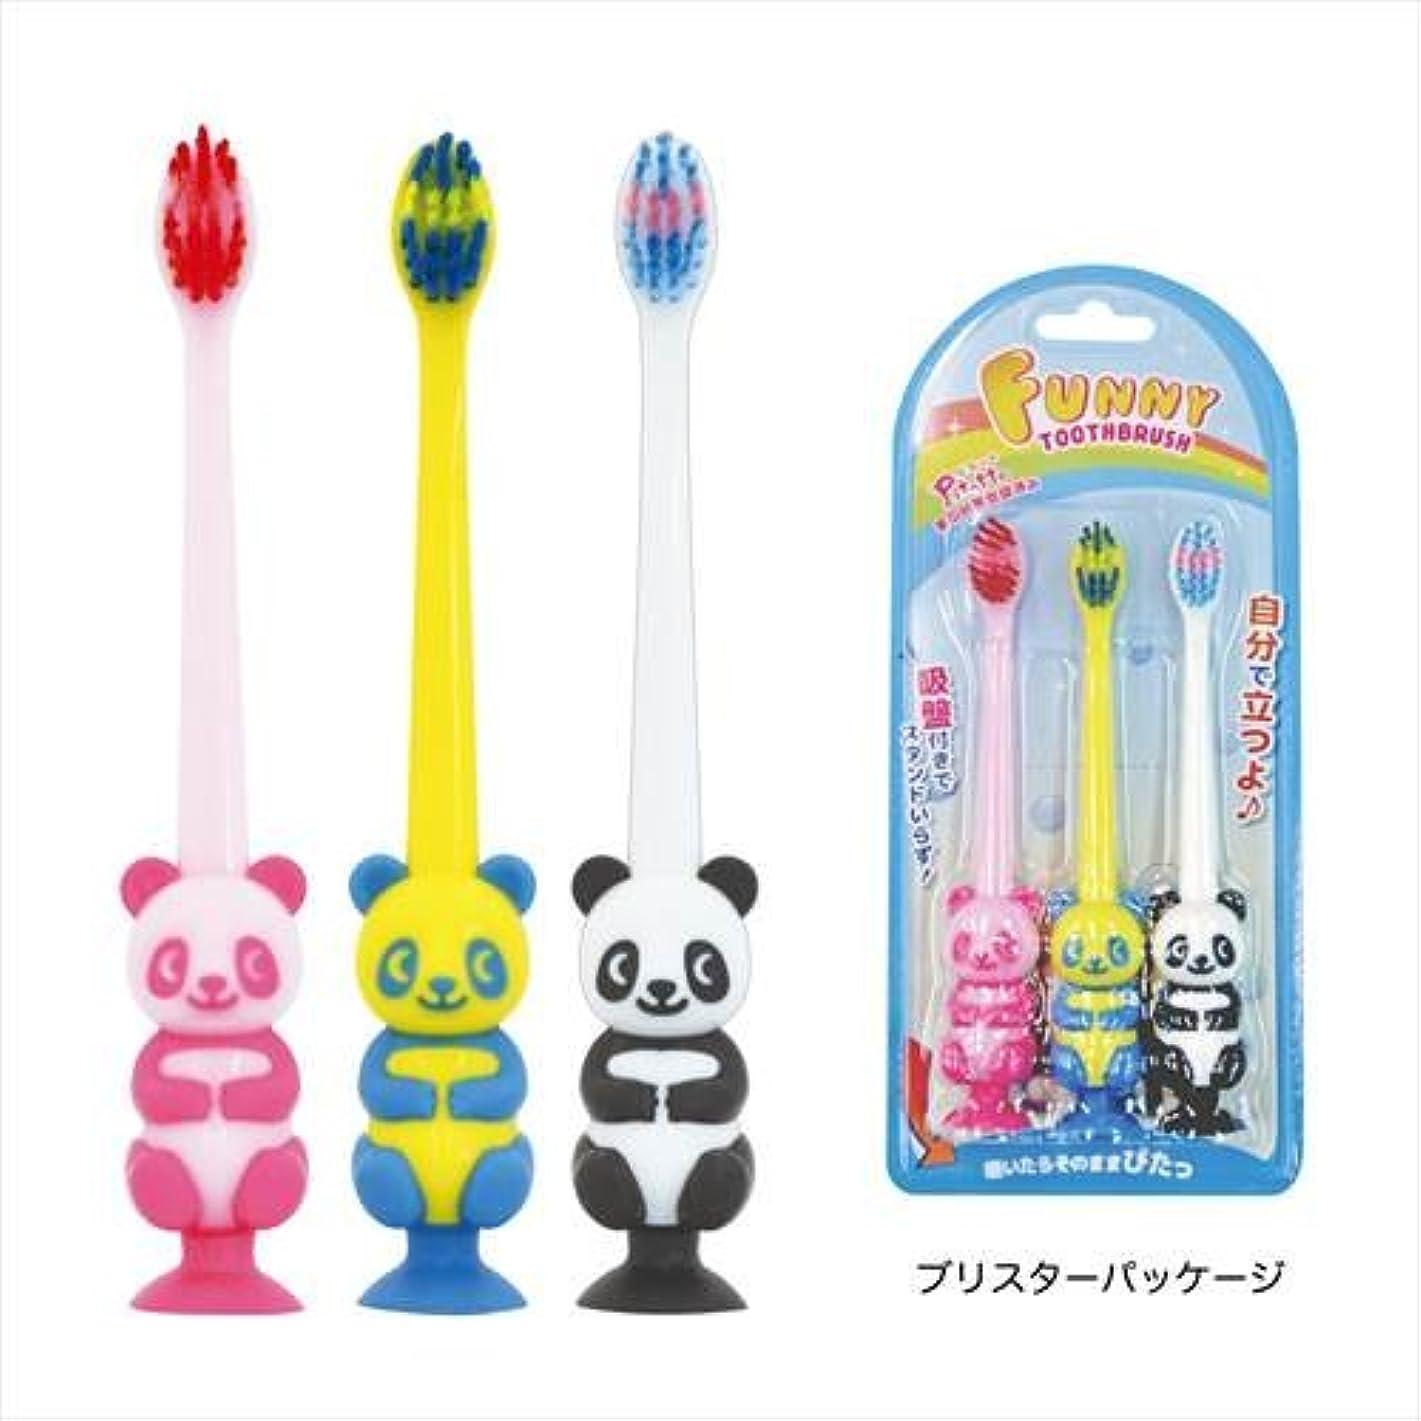 消毒する聖域保護ファニー歯ブラシ パンダ 3本セット